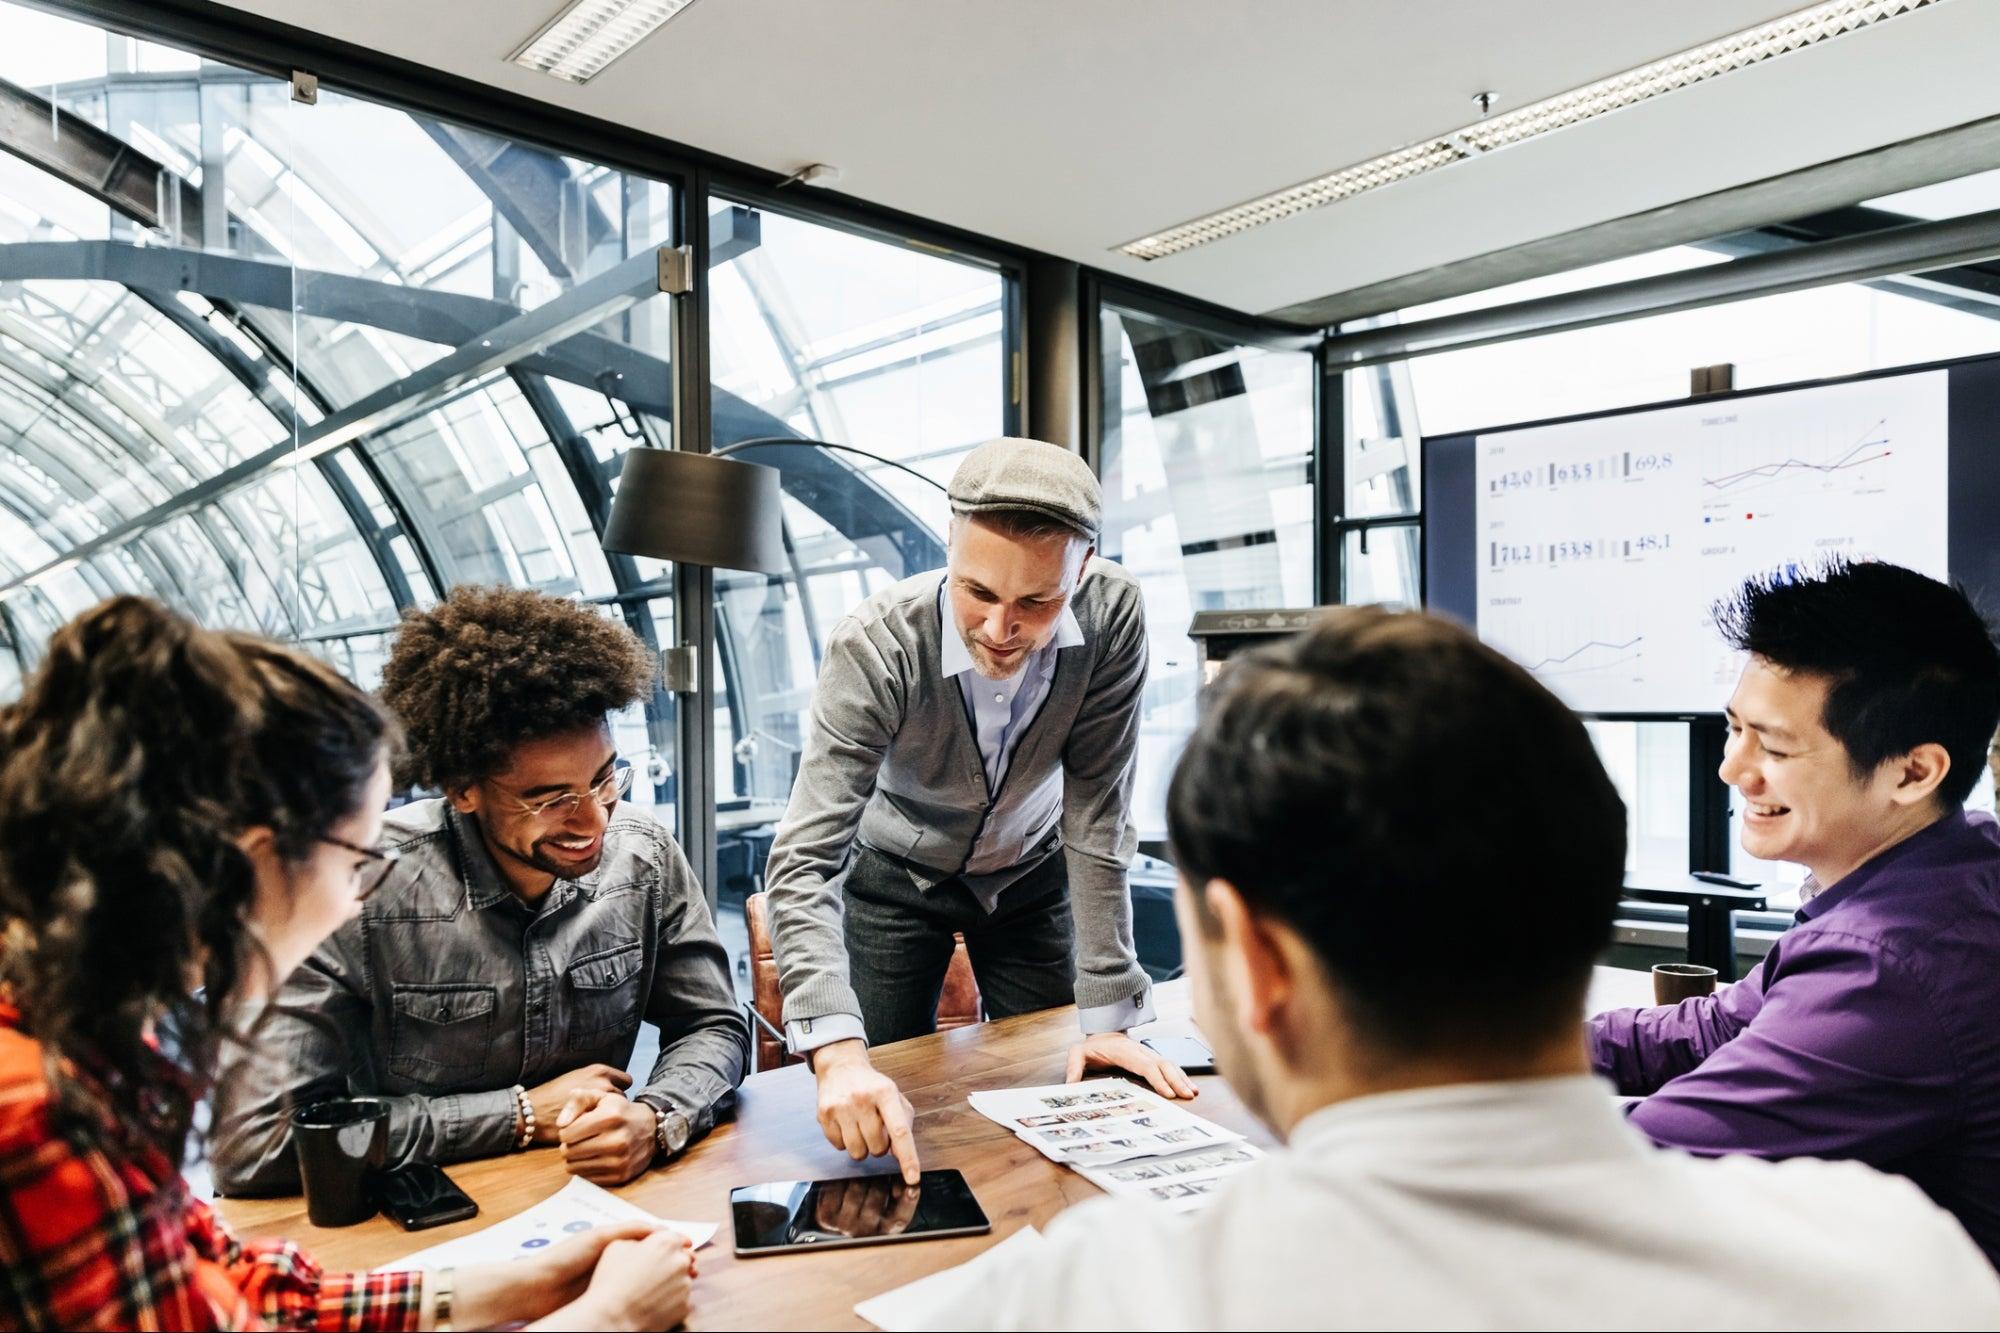 5 Content-Marketing Tactics for B2B Ecommerce